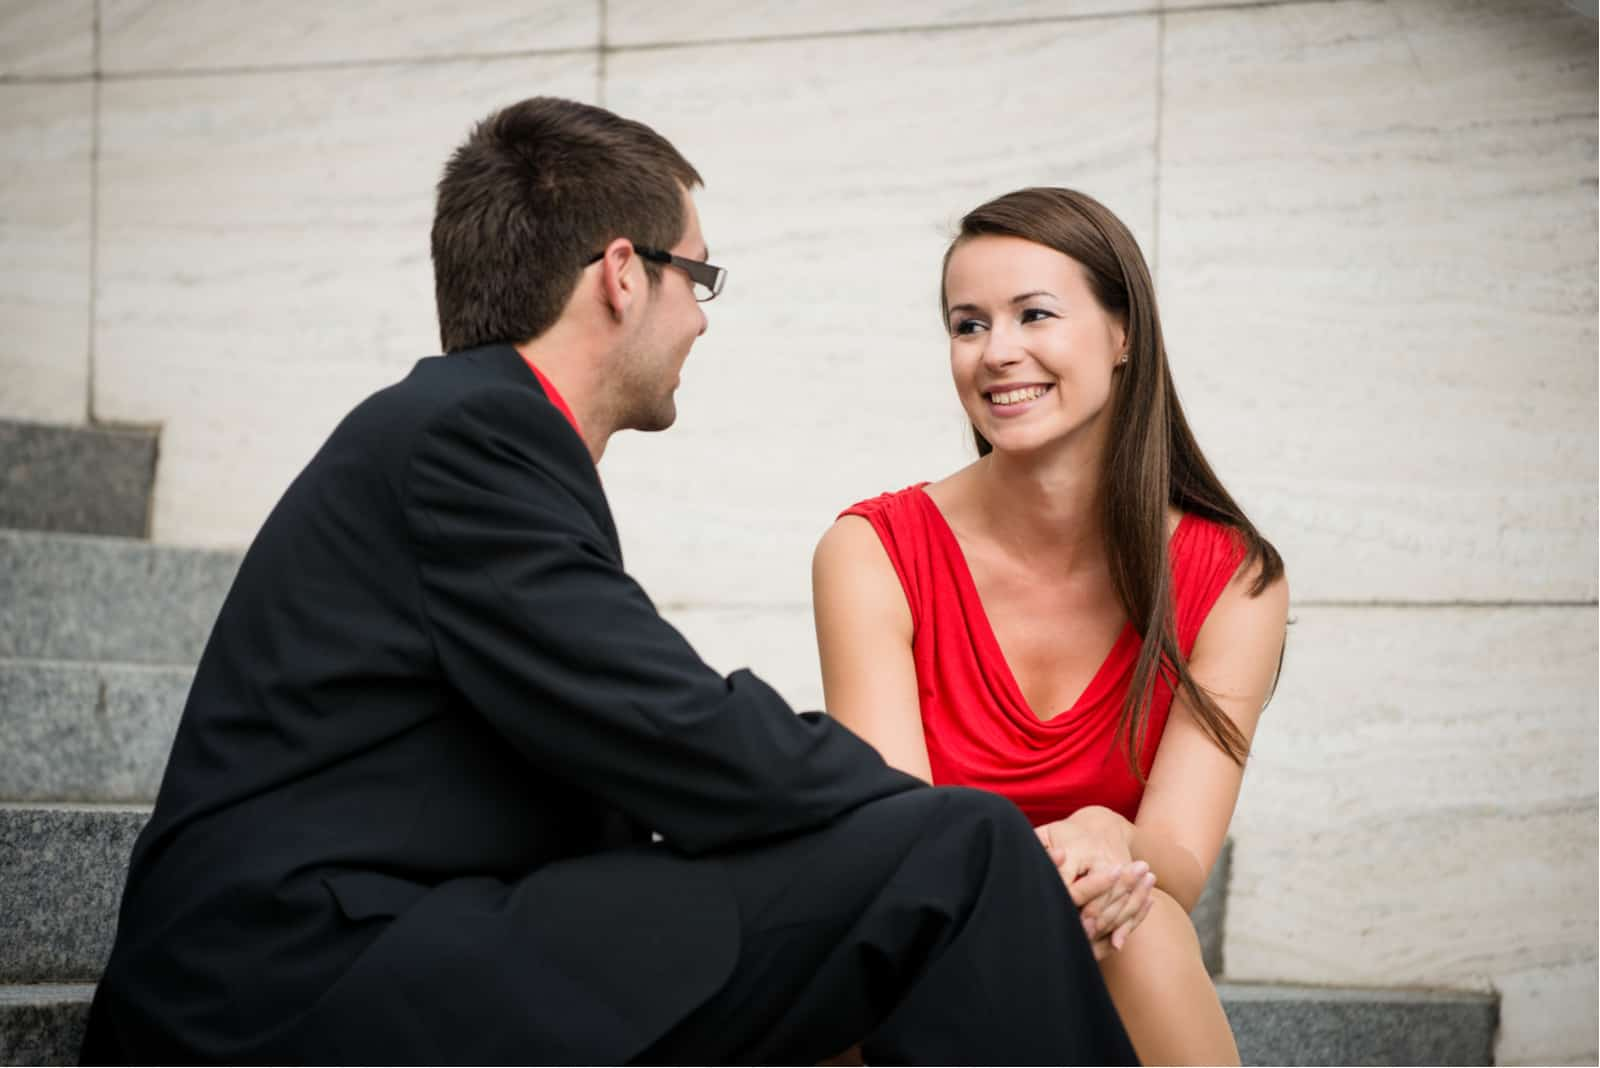 un homme et une femme s'assoient dans les escaliers et rient